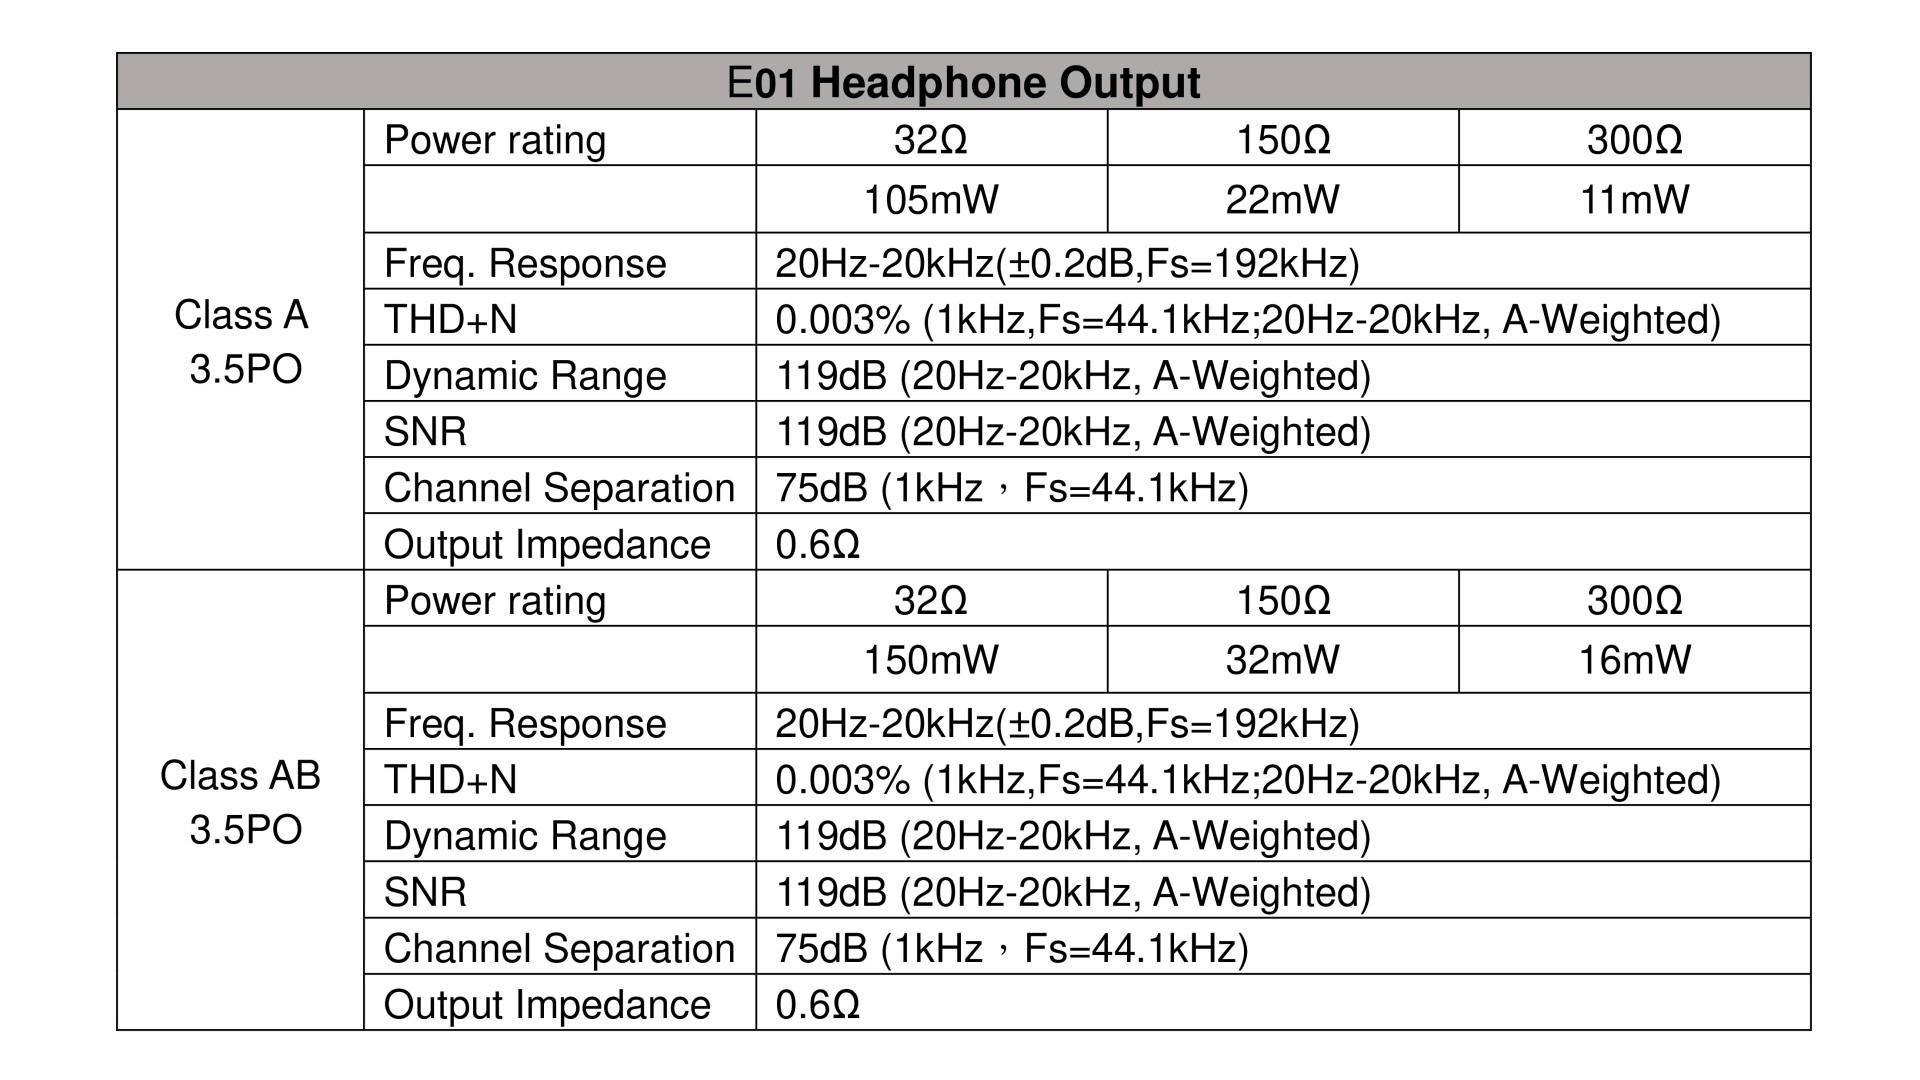 E01 Spec Phone FHD.jpg